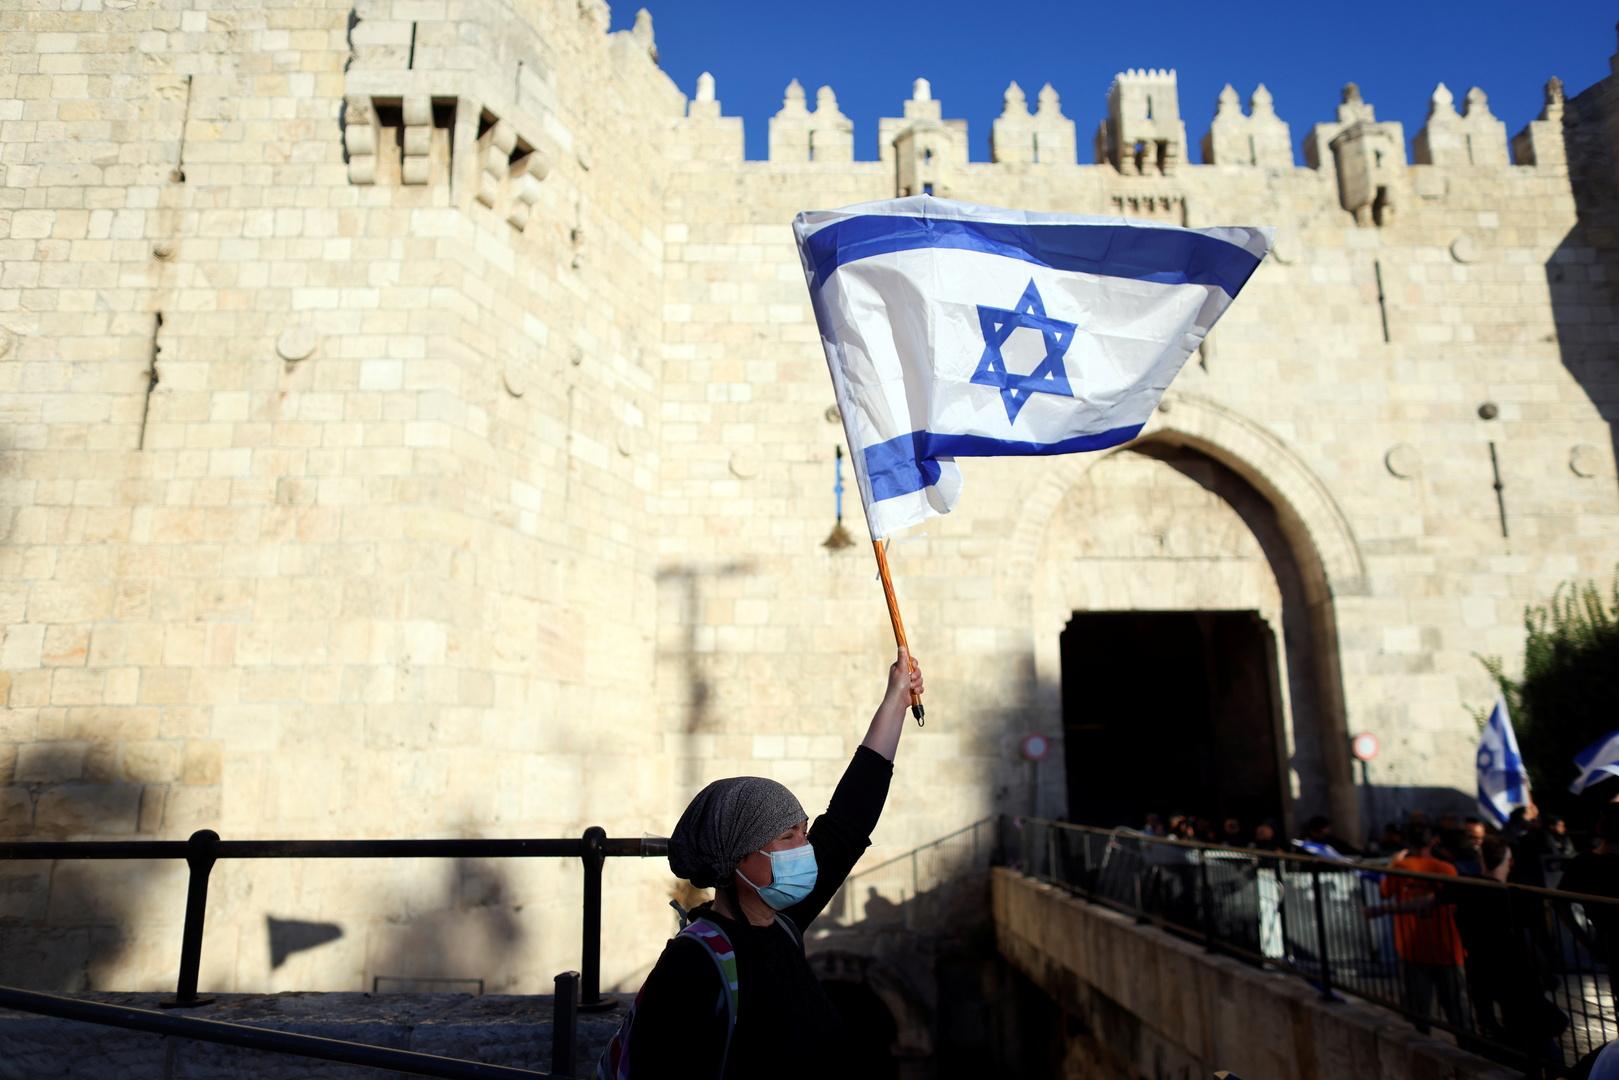 إسرائيل تعلن أنها تطور سلاح ليزر محمولا جوا لإسقاط الطائرات المسيرة